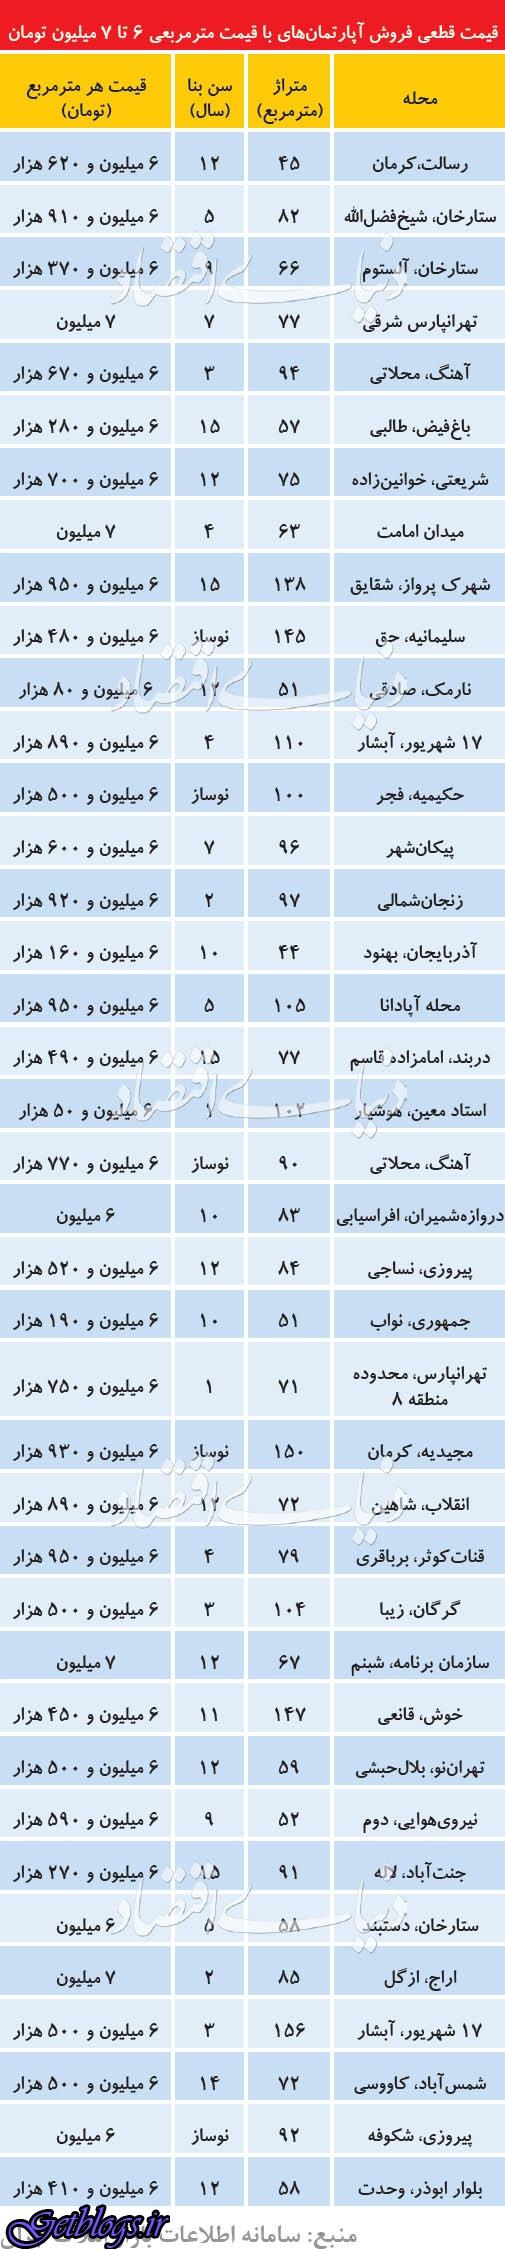 معاملات حول و حوش میانگین قیمت مسکن در پایتخت کشور عزیزمان ایران